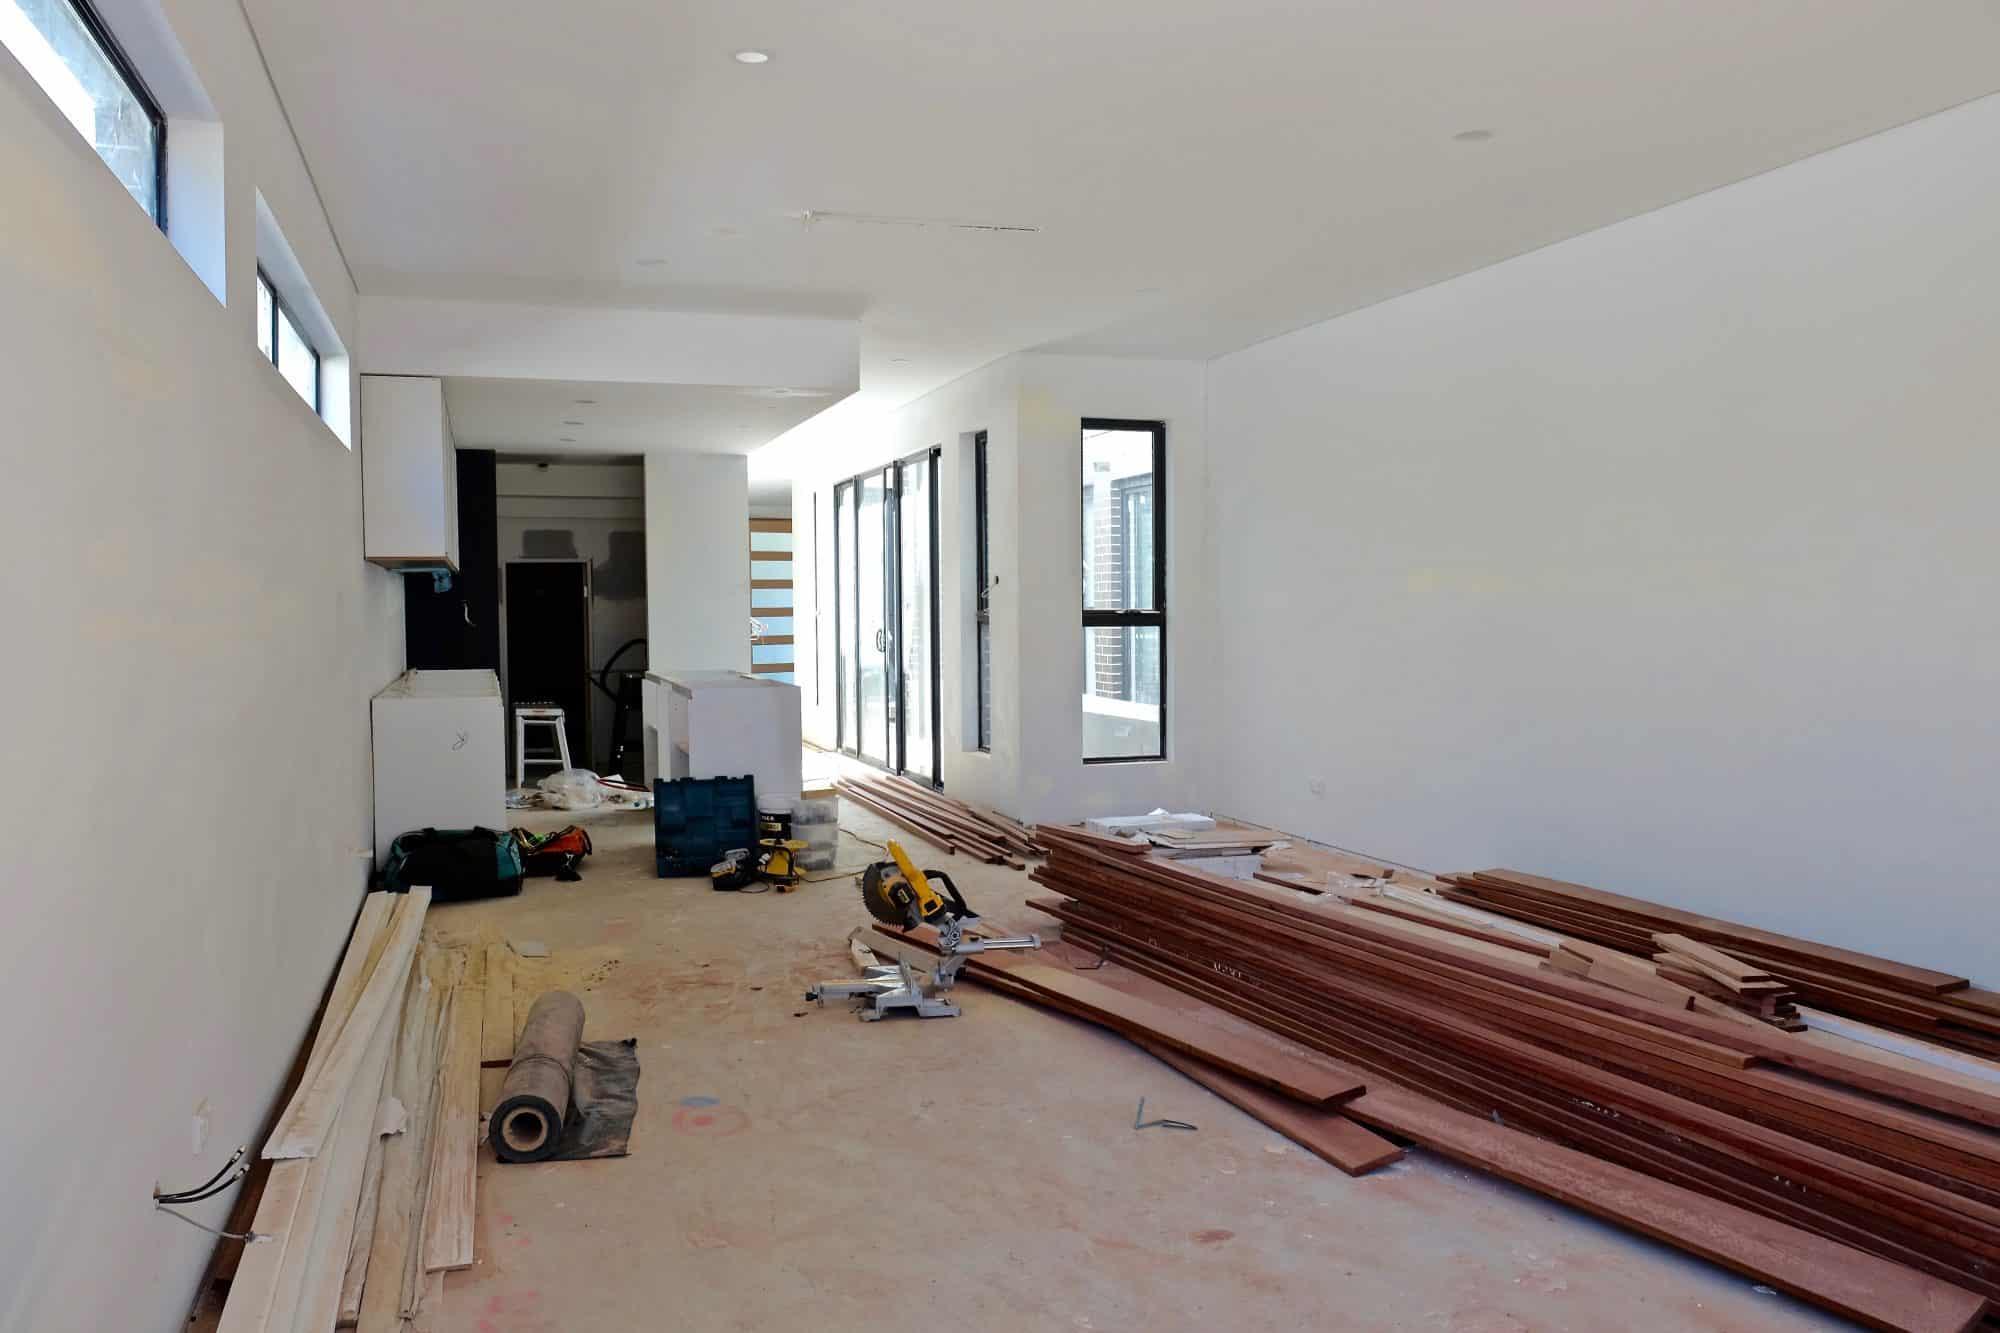 Room under renovations